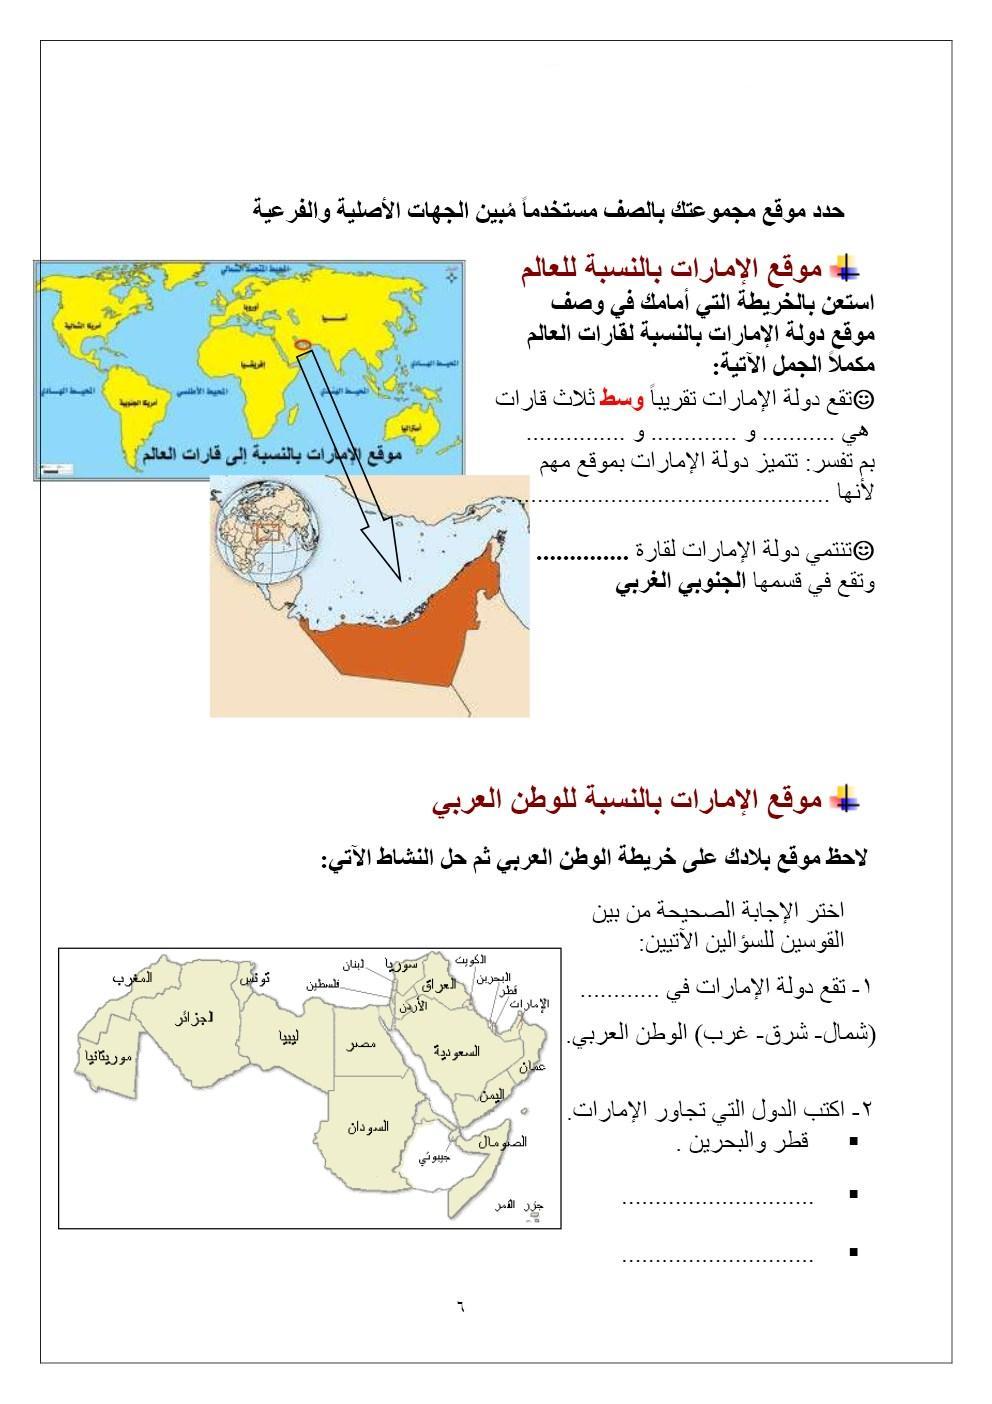 حل كتاب الاجتماعية للصف الرابع في سوريا pdf